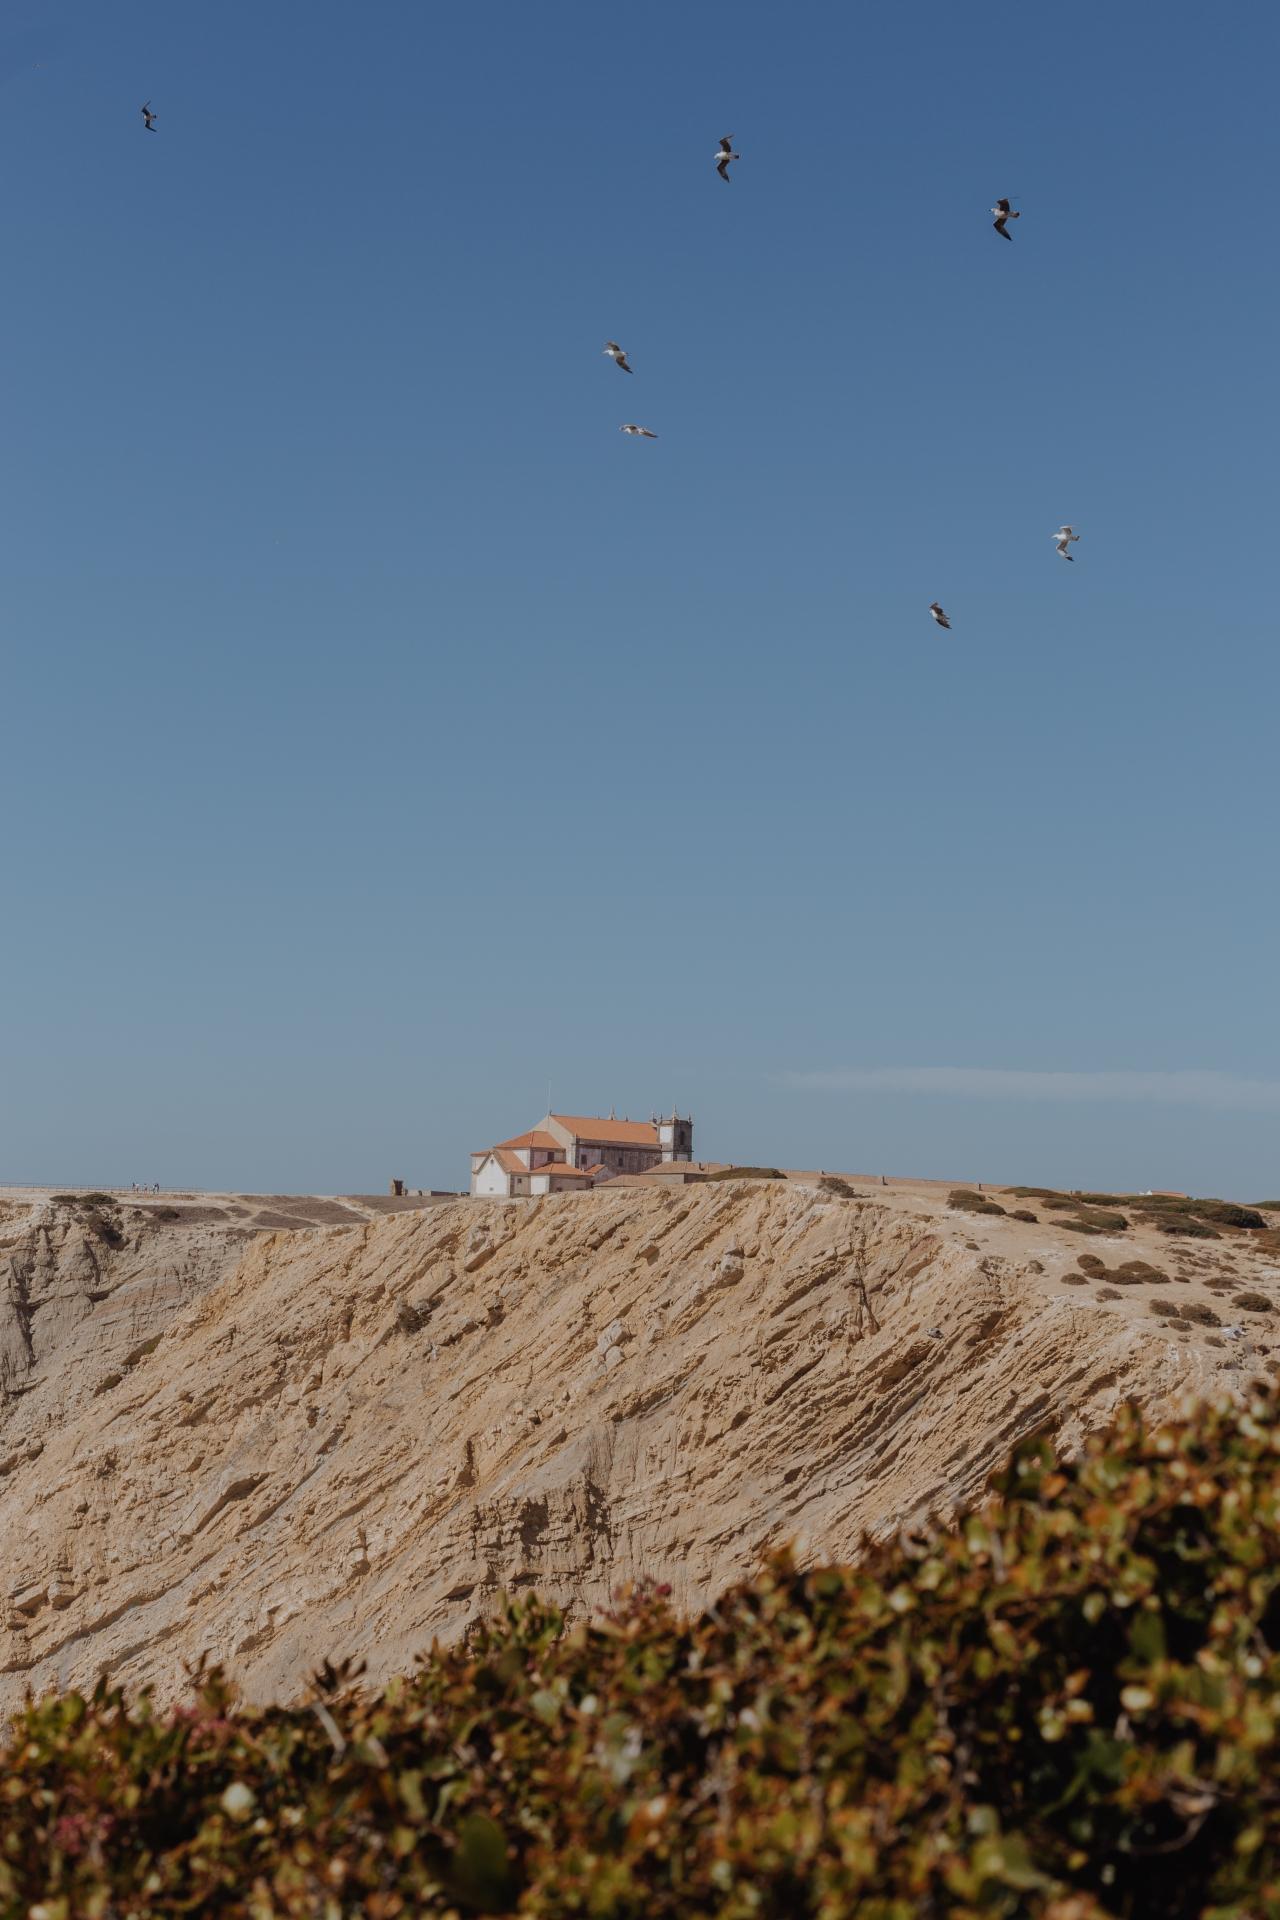 5. Praia dos Galapinhos Da wir am Vortag keinen der atemberaubenden Strände im Naturpark Arrábida erkundet haben, stand dies am zweiten Tag auf der Tagesordnung. Geparkt haben wir unseren Flitzer am Praia da Figueirinha. Von dort fahren zwar Shuttles zu den verschiedenen Stränden, doch wir haben einen kleinen Fußmarsch auf uns genommen. Mit genug Wasser ausgestattet kann man den halbstündigen Fußweg und die tolle Natur genießen. Auf dem Weg dorthin gibt es etliche Strände und wir hätten an jedem Stoppen können! Unser Ziel war aber der Praia dos Galapinhosnach dem Praia de Galápos. Den Abstieg fand ich persönlich ein wenig abenteuerlich, aber nichts was nicht zu schaffen ist (und sich mehr als lohnt). Denn es erwartet einen feinster Sandstrand in einer Buch mit so klarem Wasser, dass es nur so aquamarin und blau schimmert. Der perfekte Ort für Erholung!